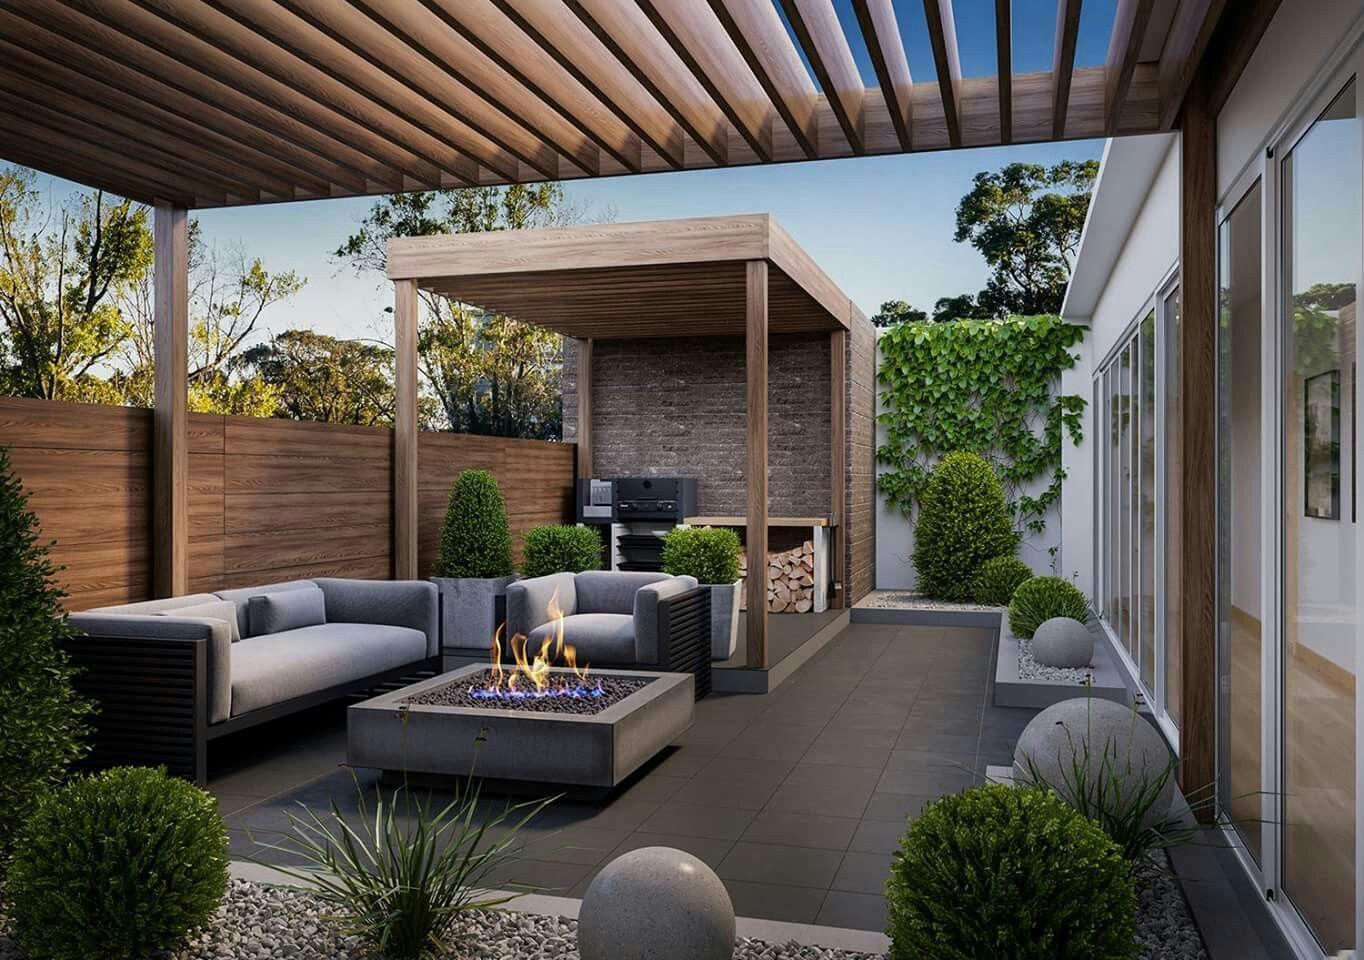 Quincho Terrasse In 2020 Rooftop Terrace Design Rooftop Design